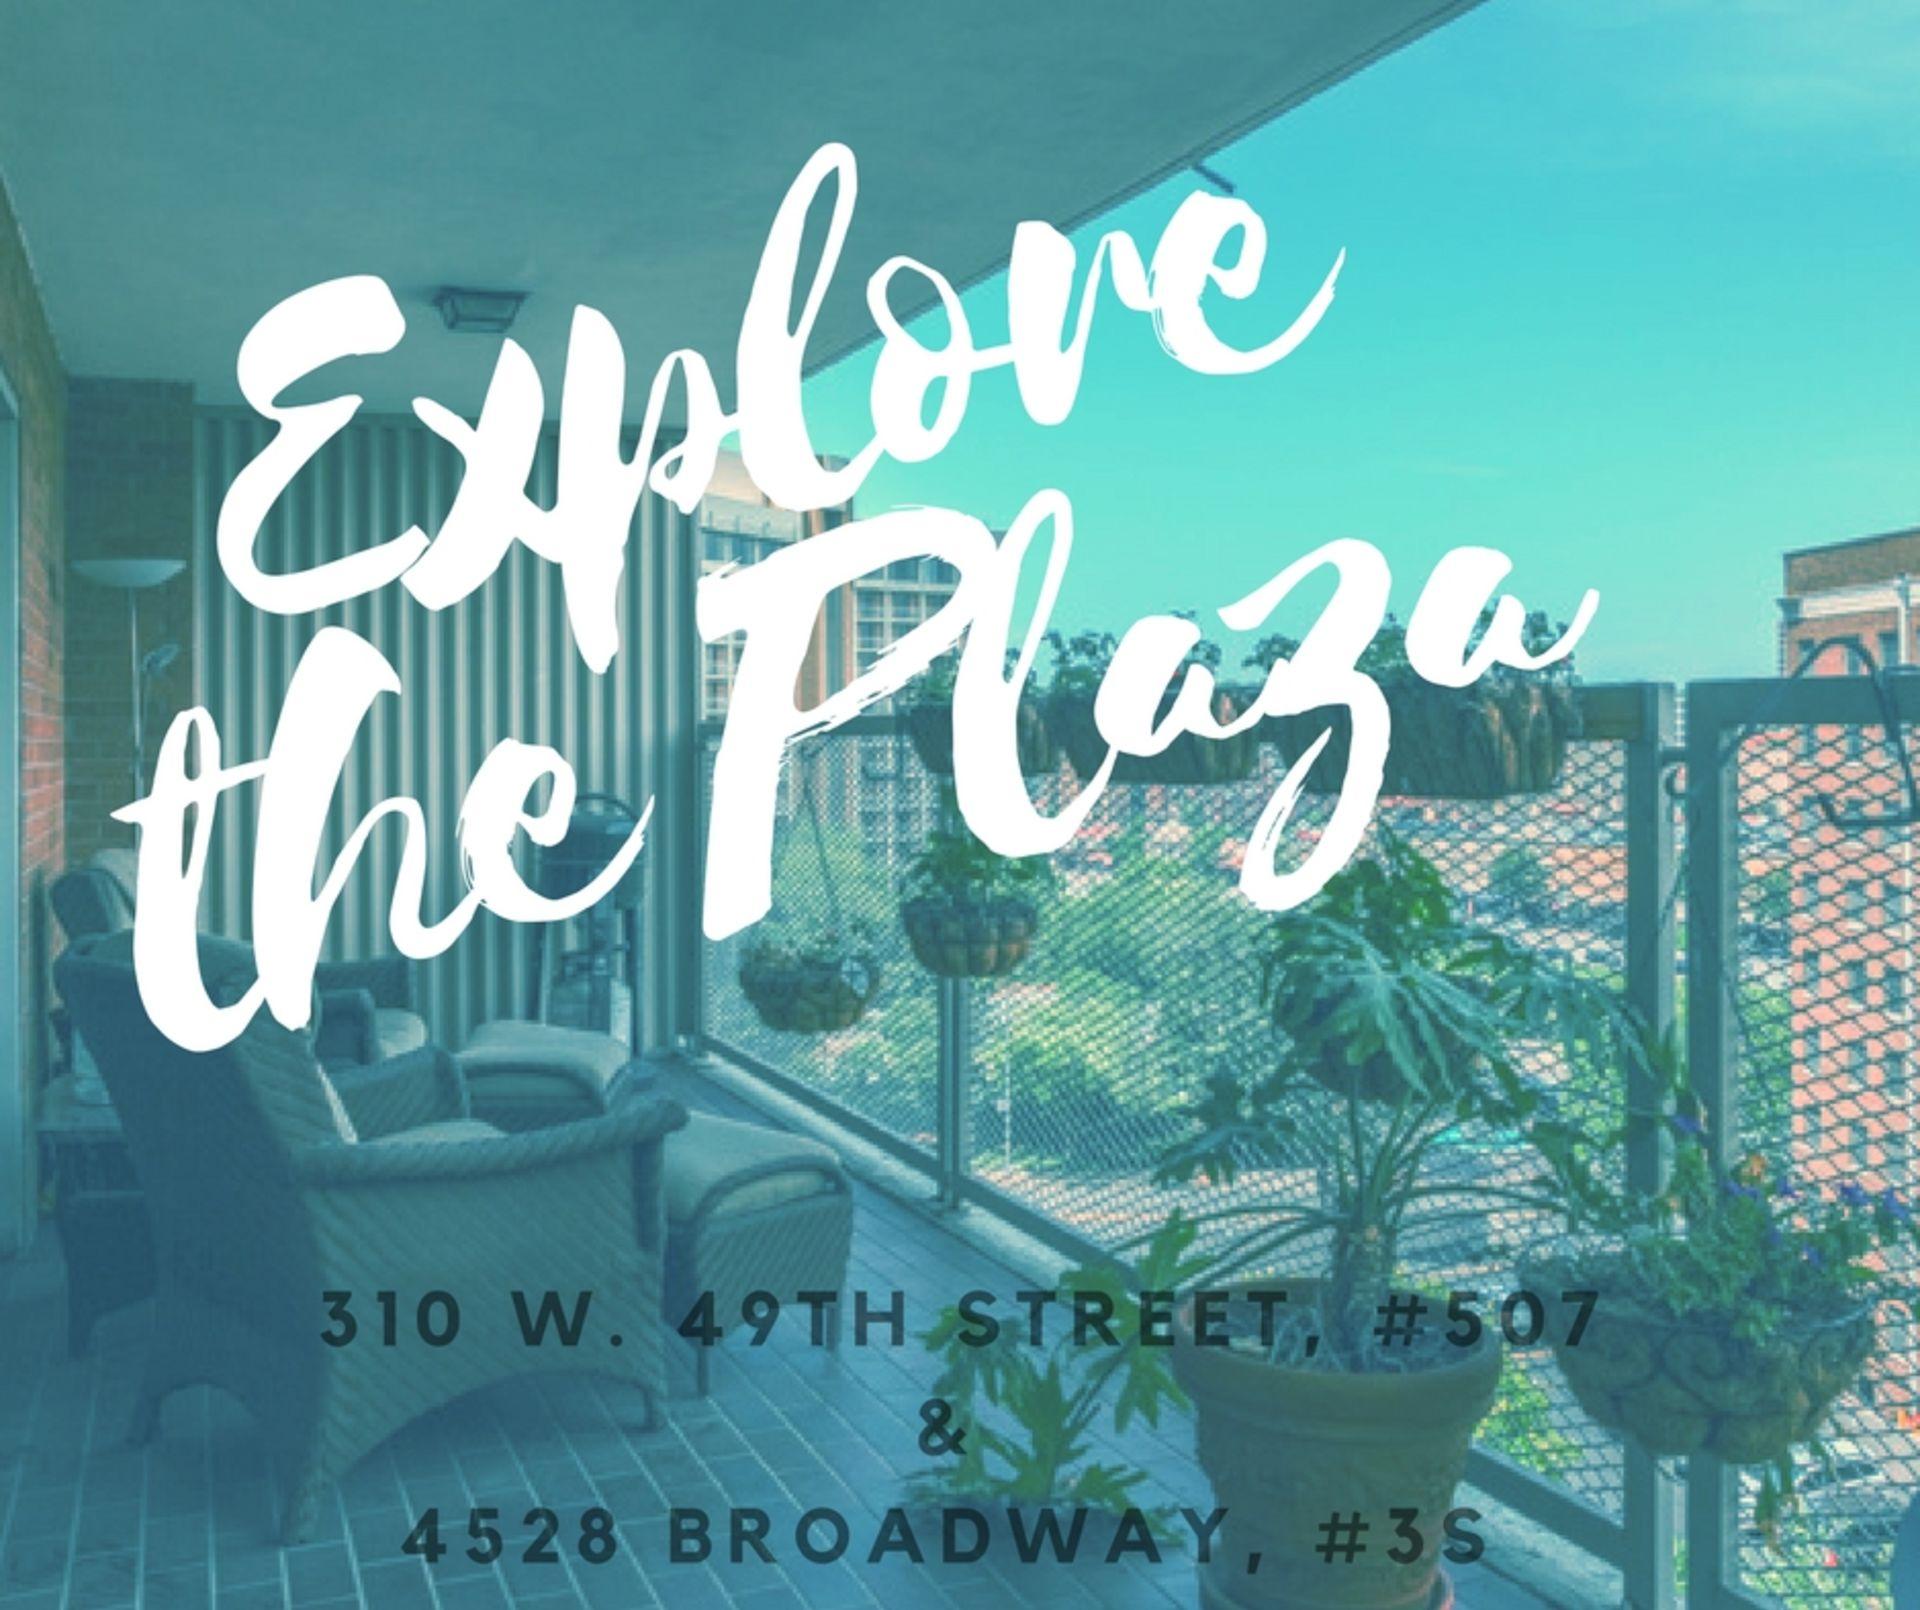 Explore the Plaza